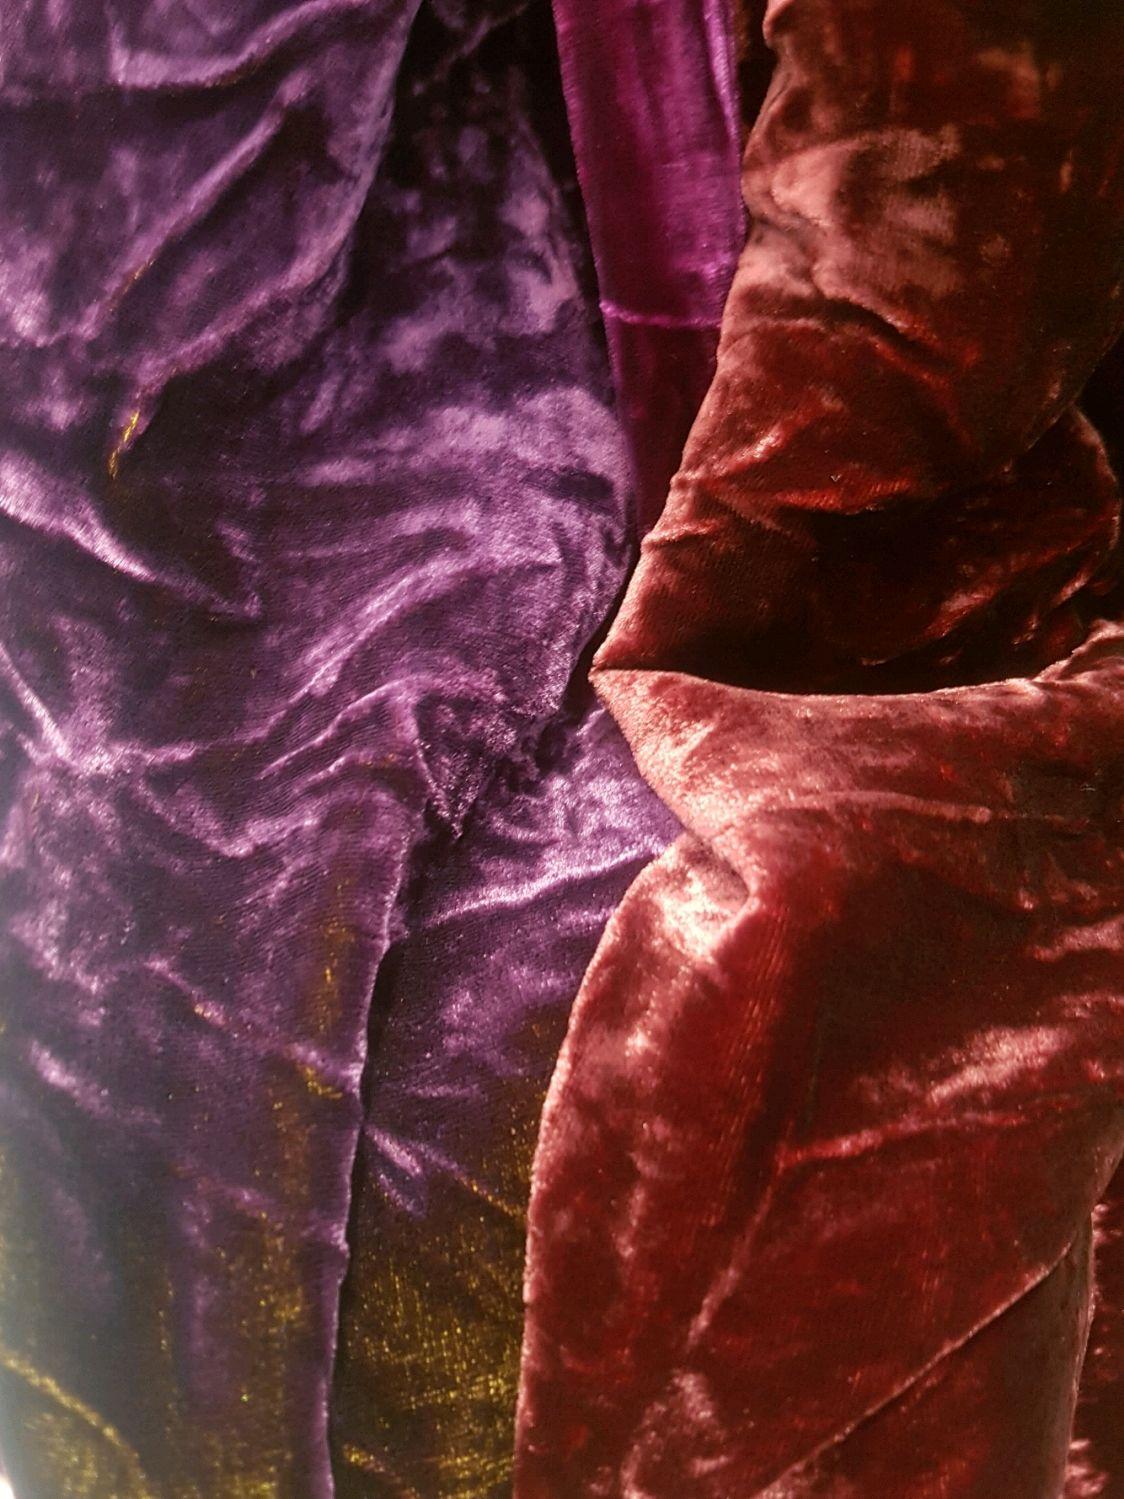 Шитье ручной работы. Ярмарка Мастеров - ручная работа. Купить Бархат крэш шелковый в ассортименте, ткань  Италия. Handmade.